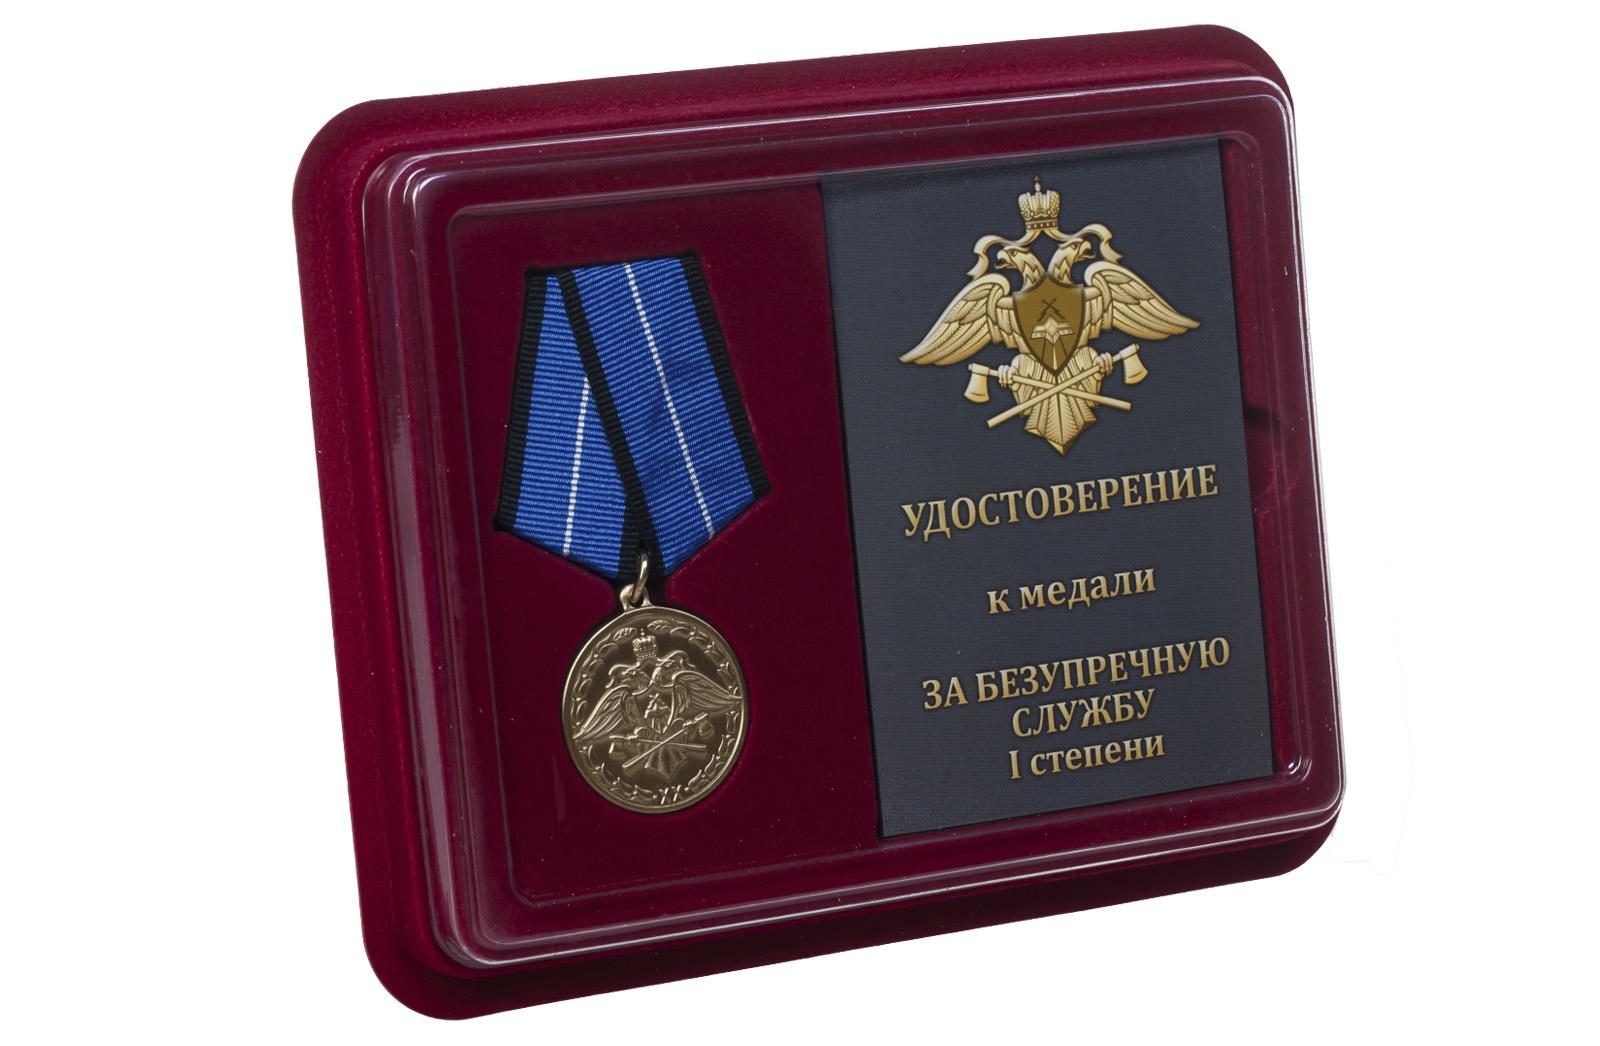 Купить медаль Спецстроя За безупречную службу 1 степени по экономичной цене